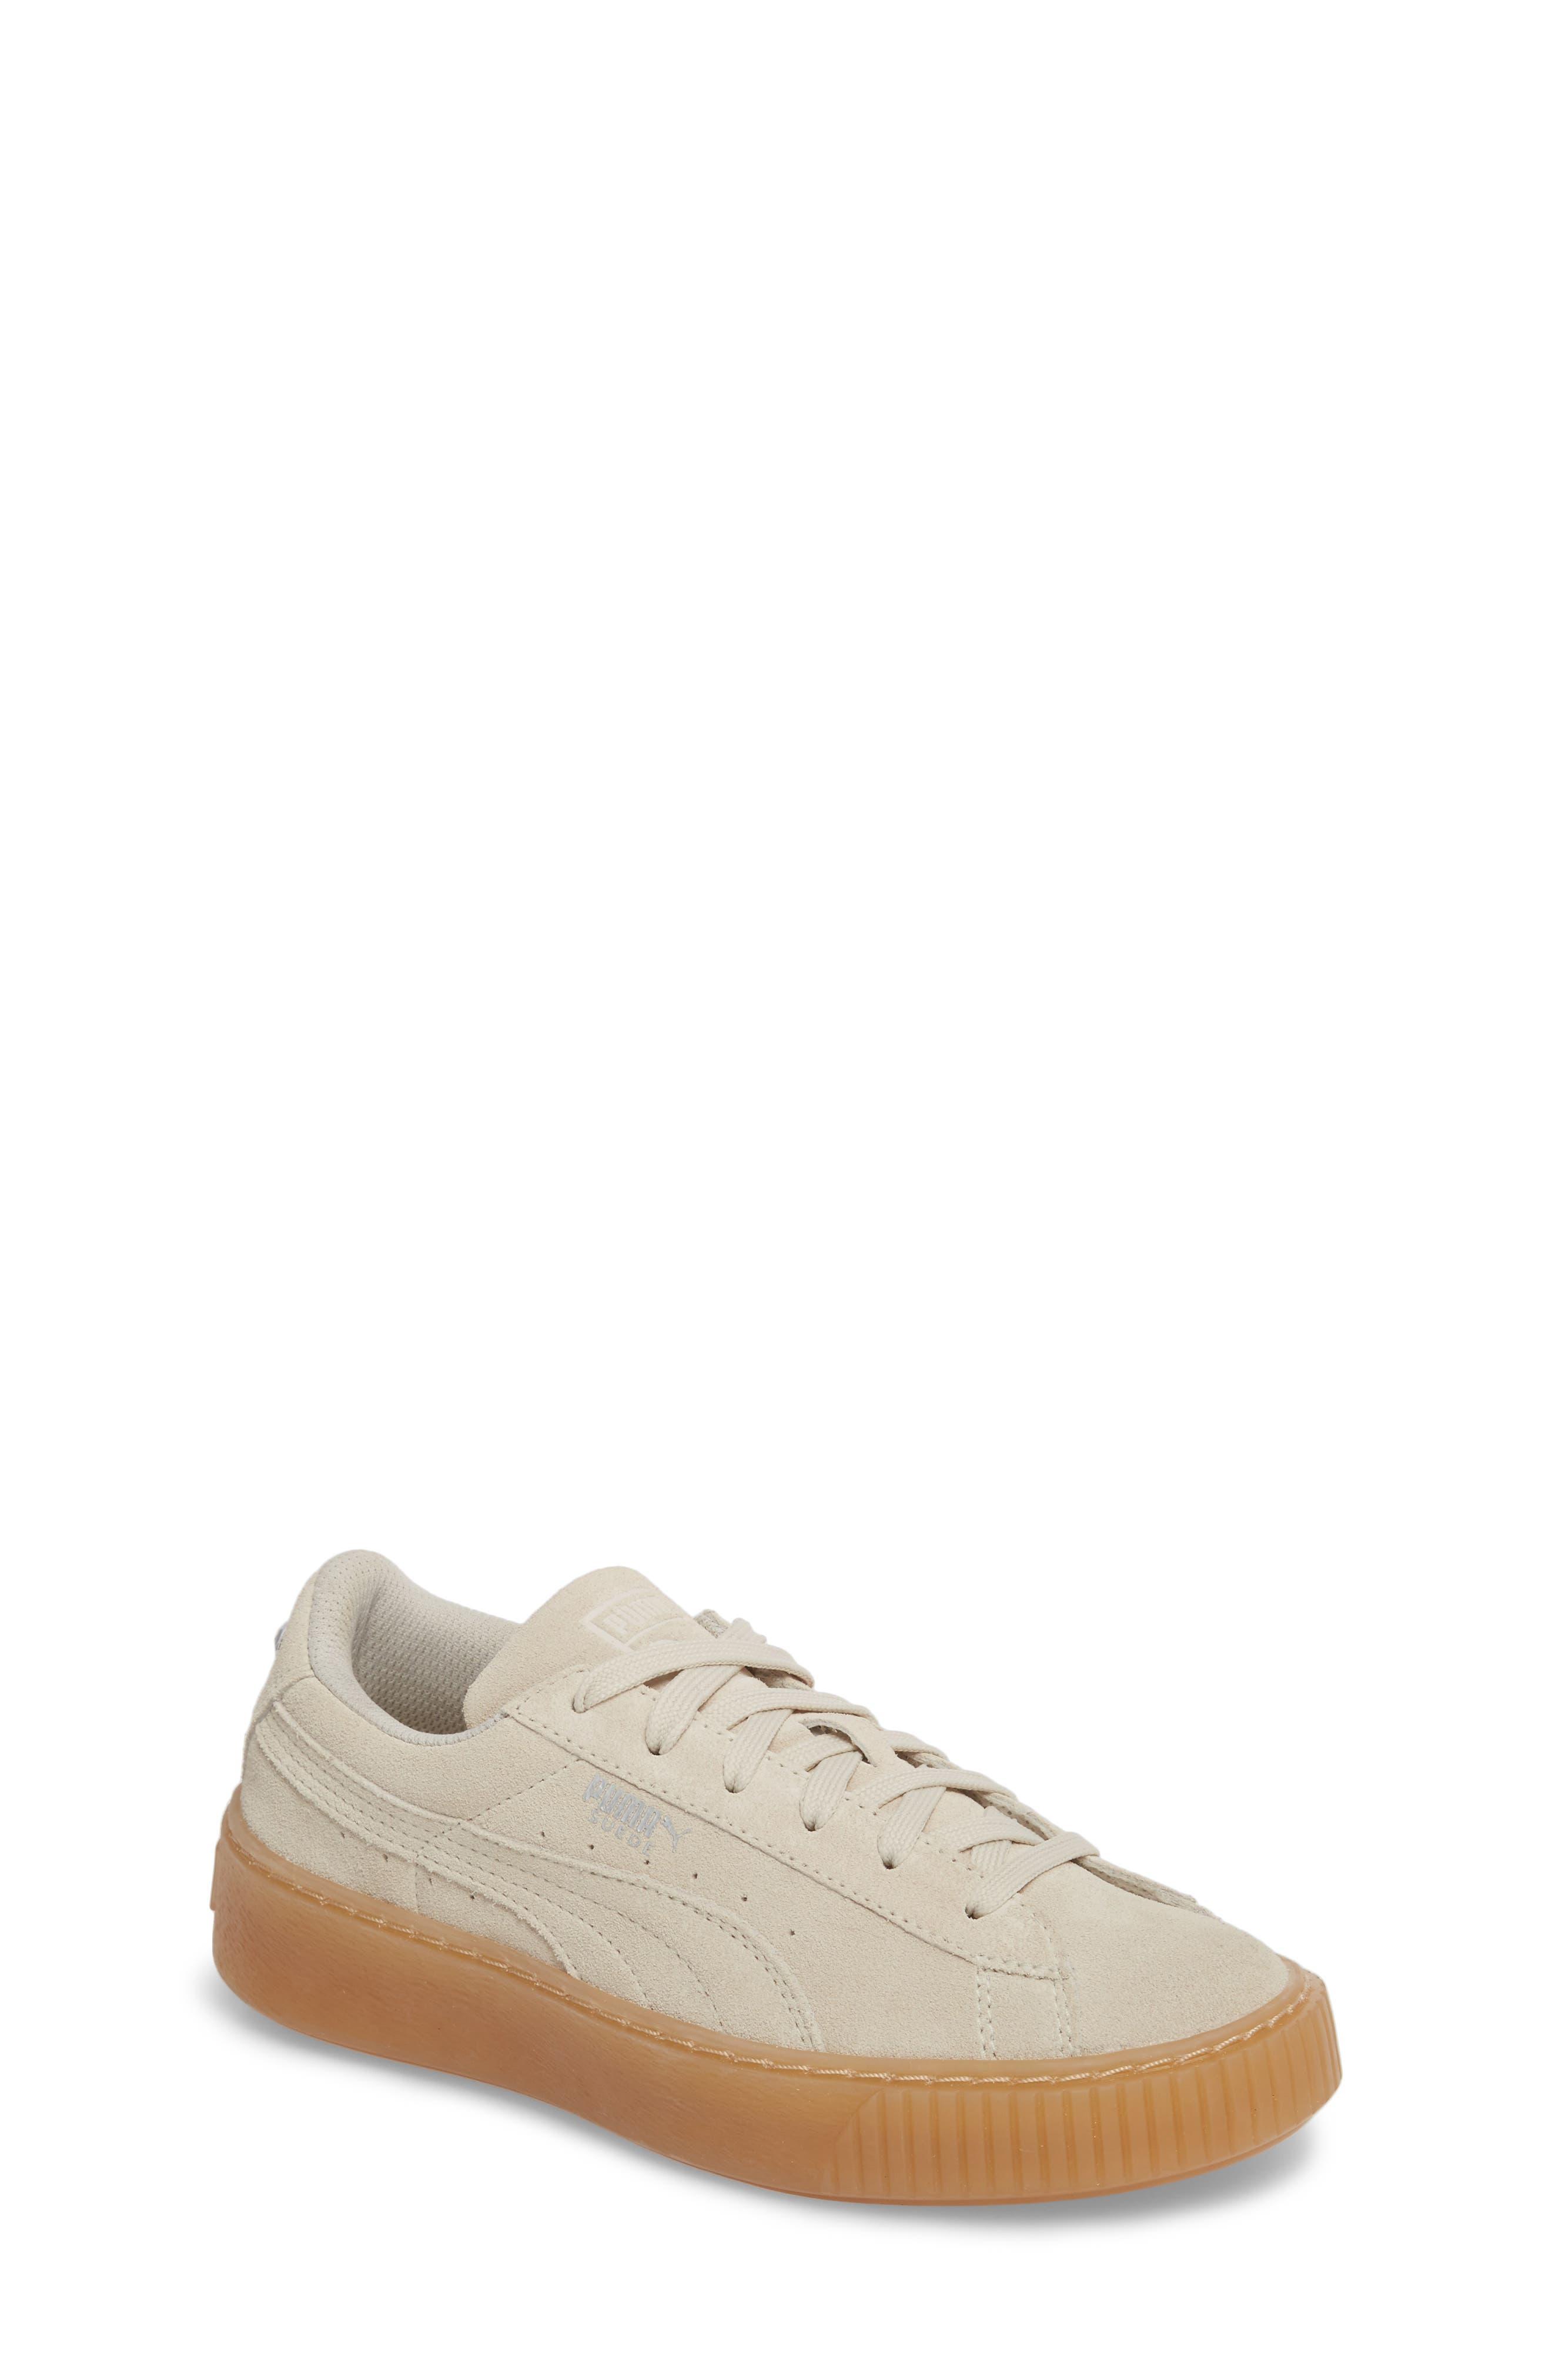 prada shoes 36136700 puma outlets